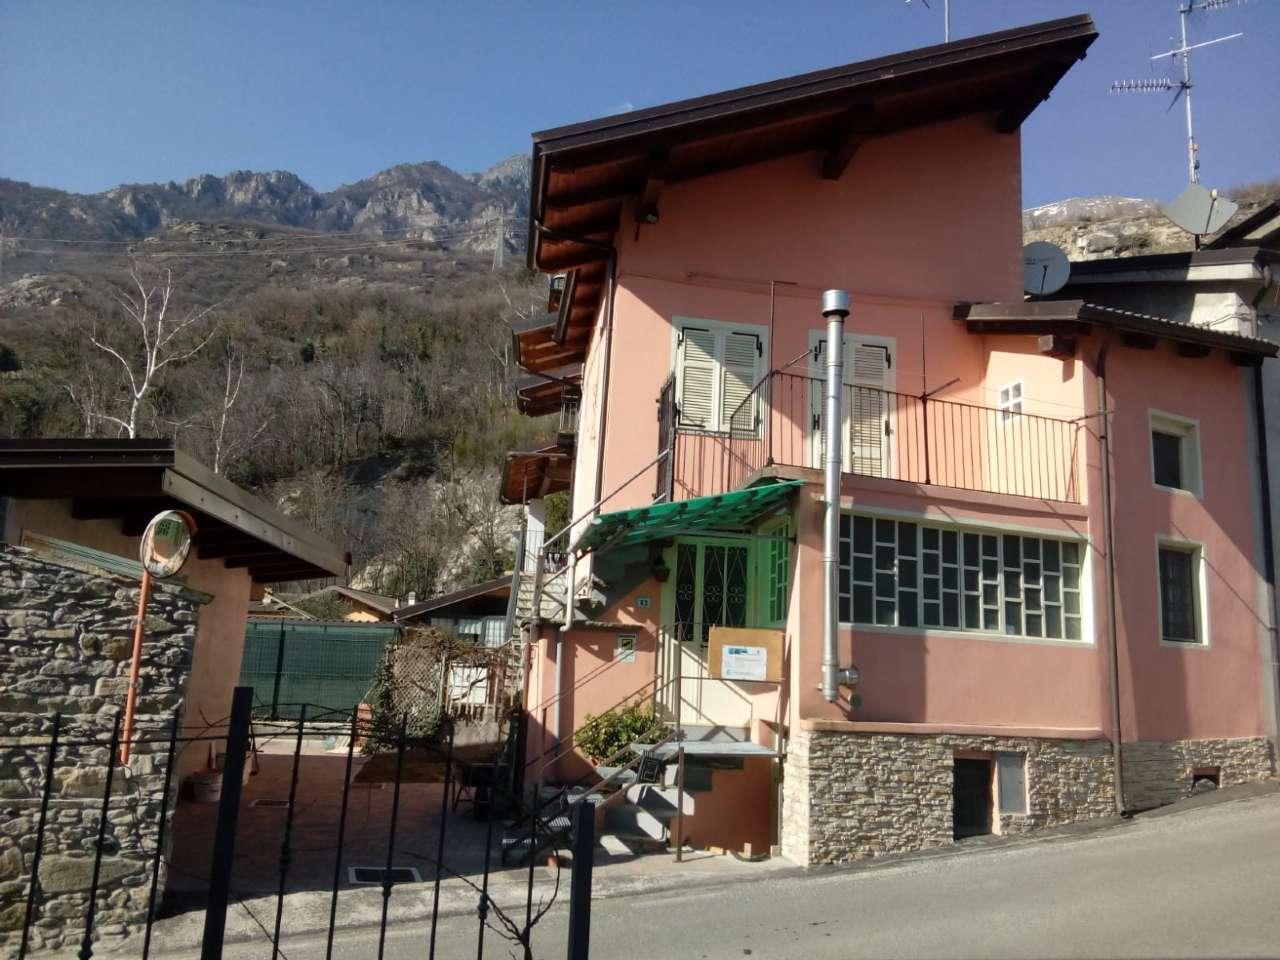 Soluzione Semindipendente in vendita a Bussoleno, 3 locali, prezzo € 85.000 | PortaleAgenzieImmobiliari.it